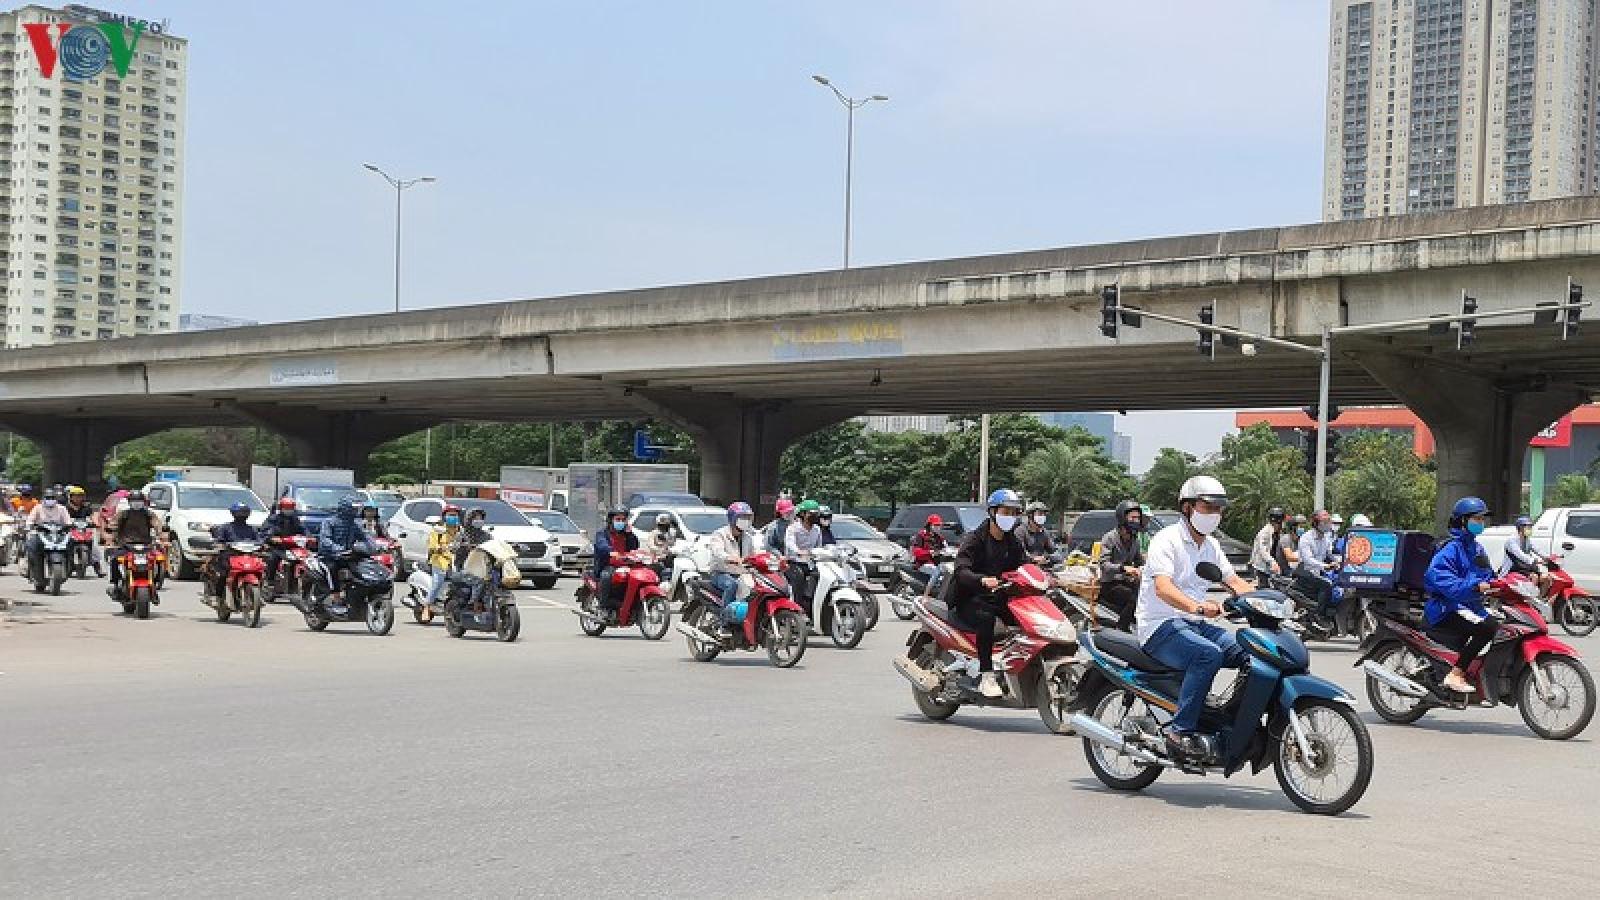 Cách ly xã hội: Cửa ngõ Thủ đô vẫn đông người tham gia giao thông ngày cuối tuần